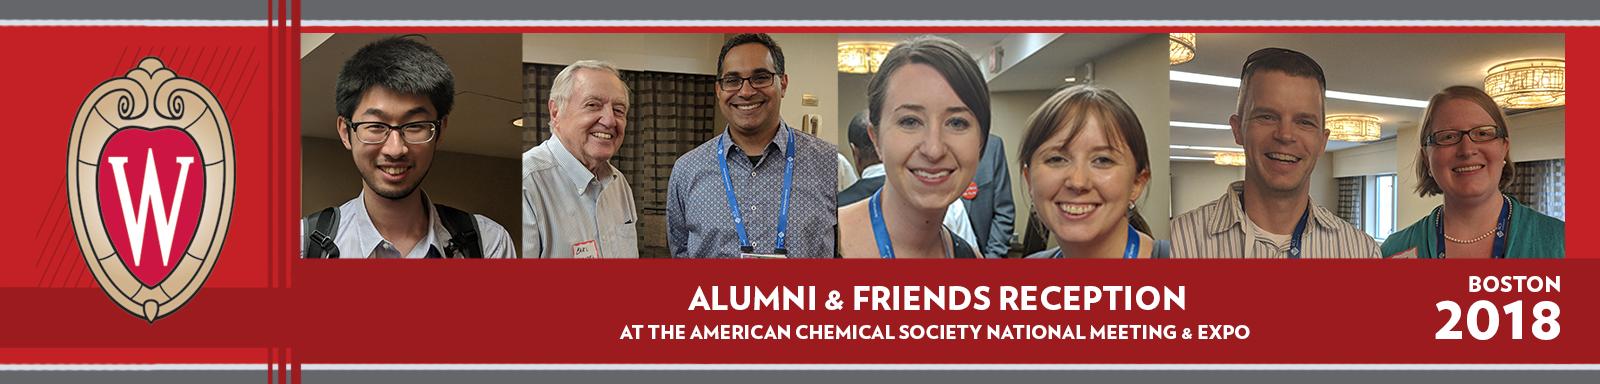 Alumni & Friends Reception at ACS